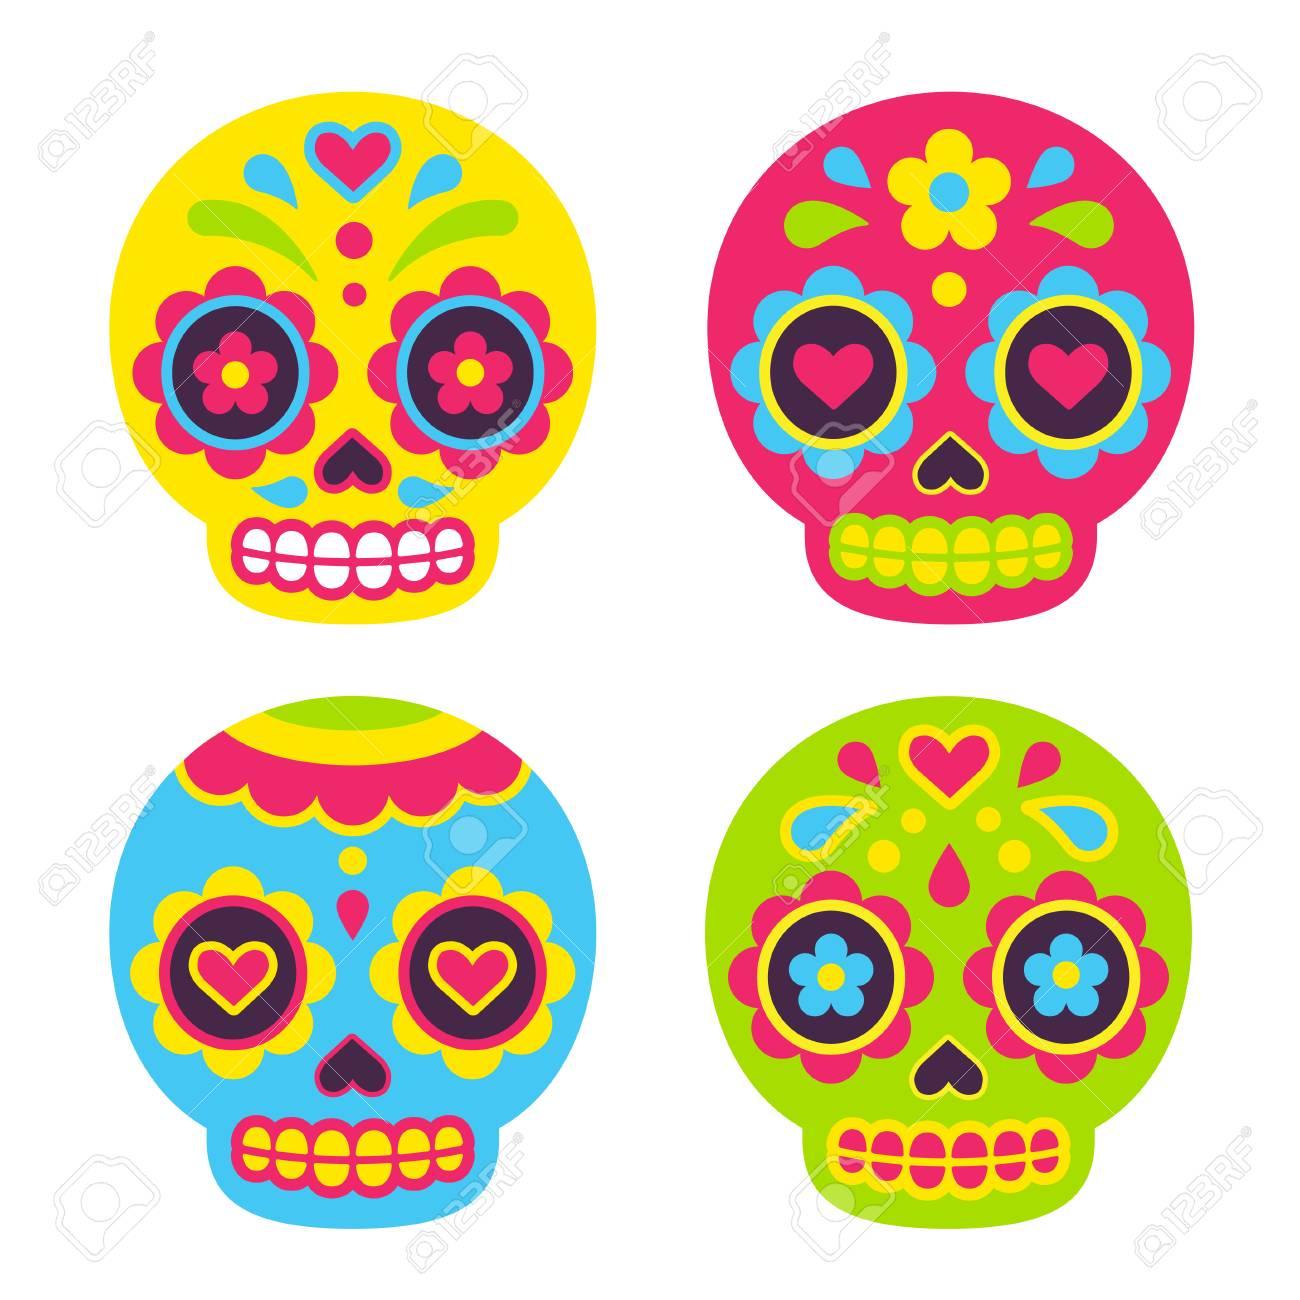 Mexican Dia de los Muertos (Day of the Dead) sugar skulls. Cute simple vector illustration in flat cartoon style. - 81208143